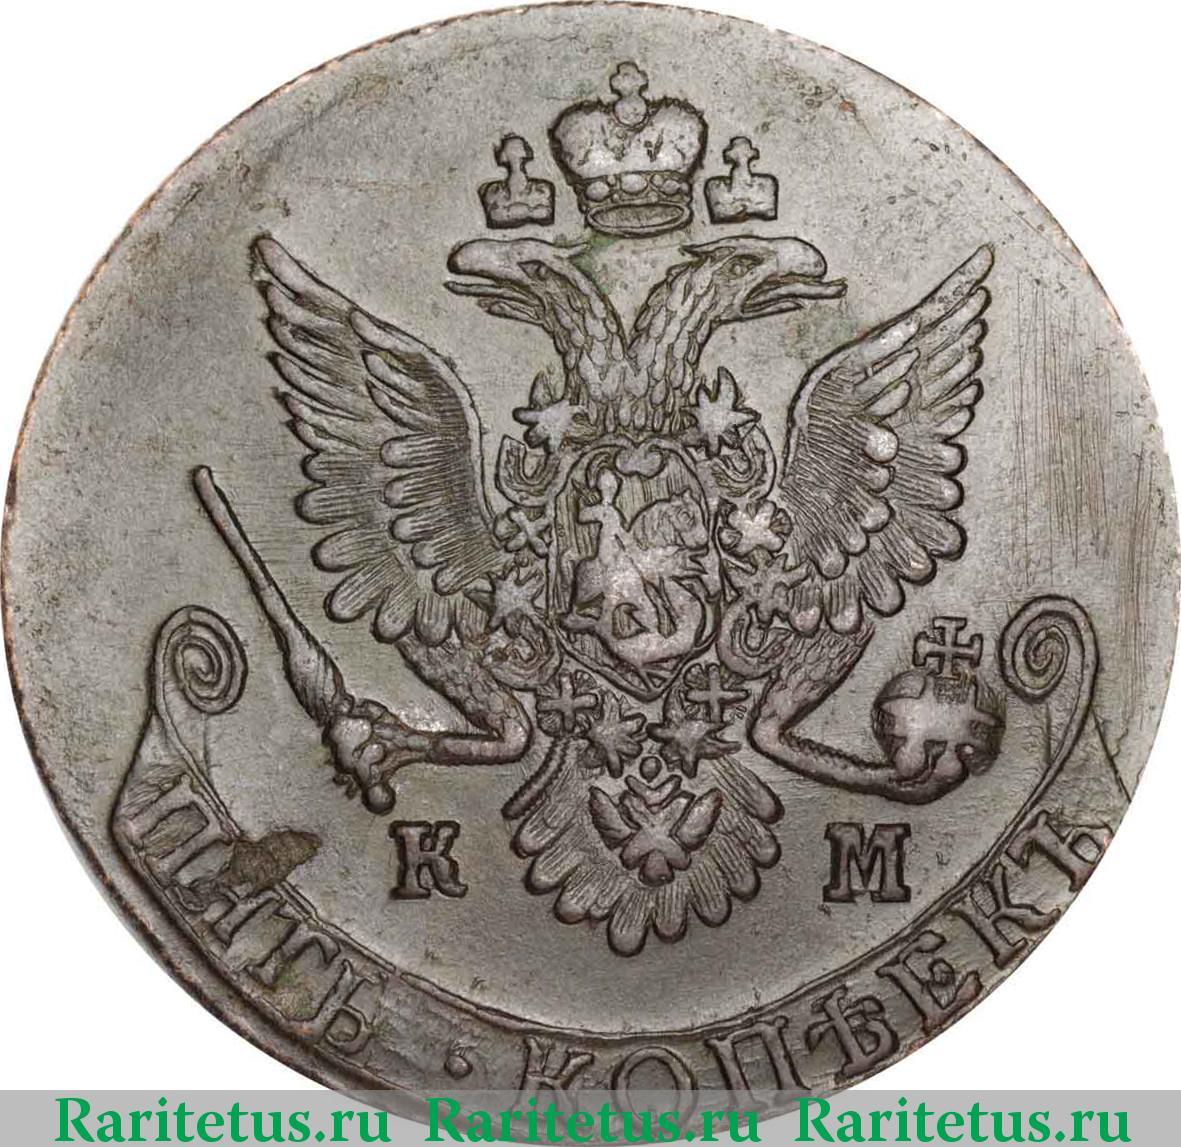 Пять копеек 1781 года цена какая проба у червонного золота